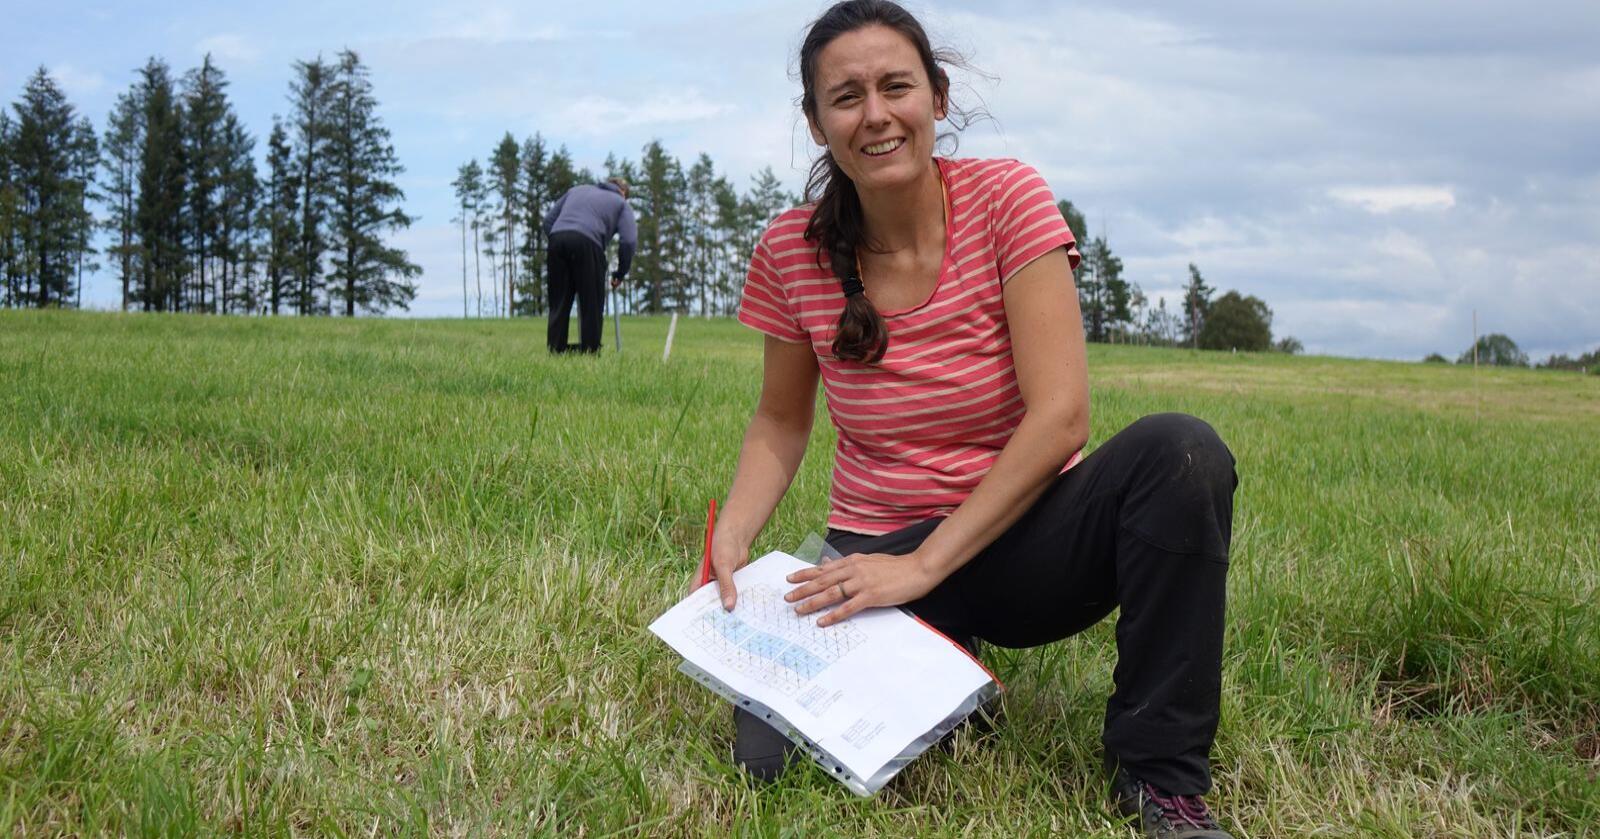 Feltarbeid: Forsker Teresa G. Bárcena i Nibio i feltarbeid ved Fureneset. Foto: Jon Schärer